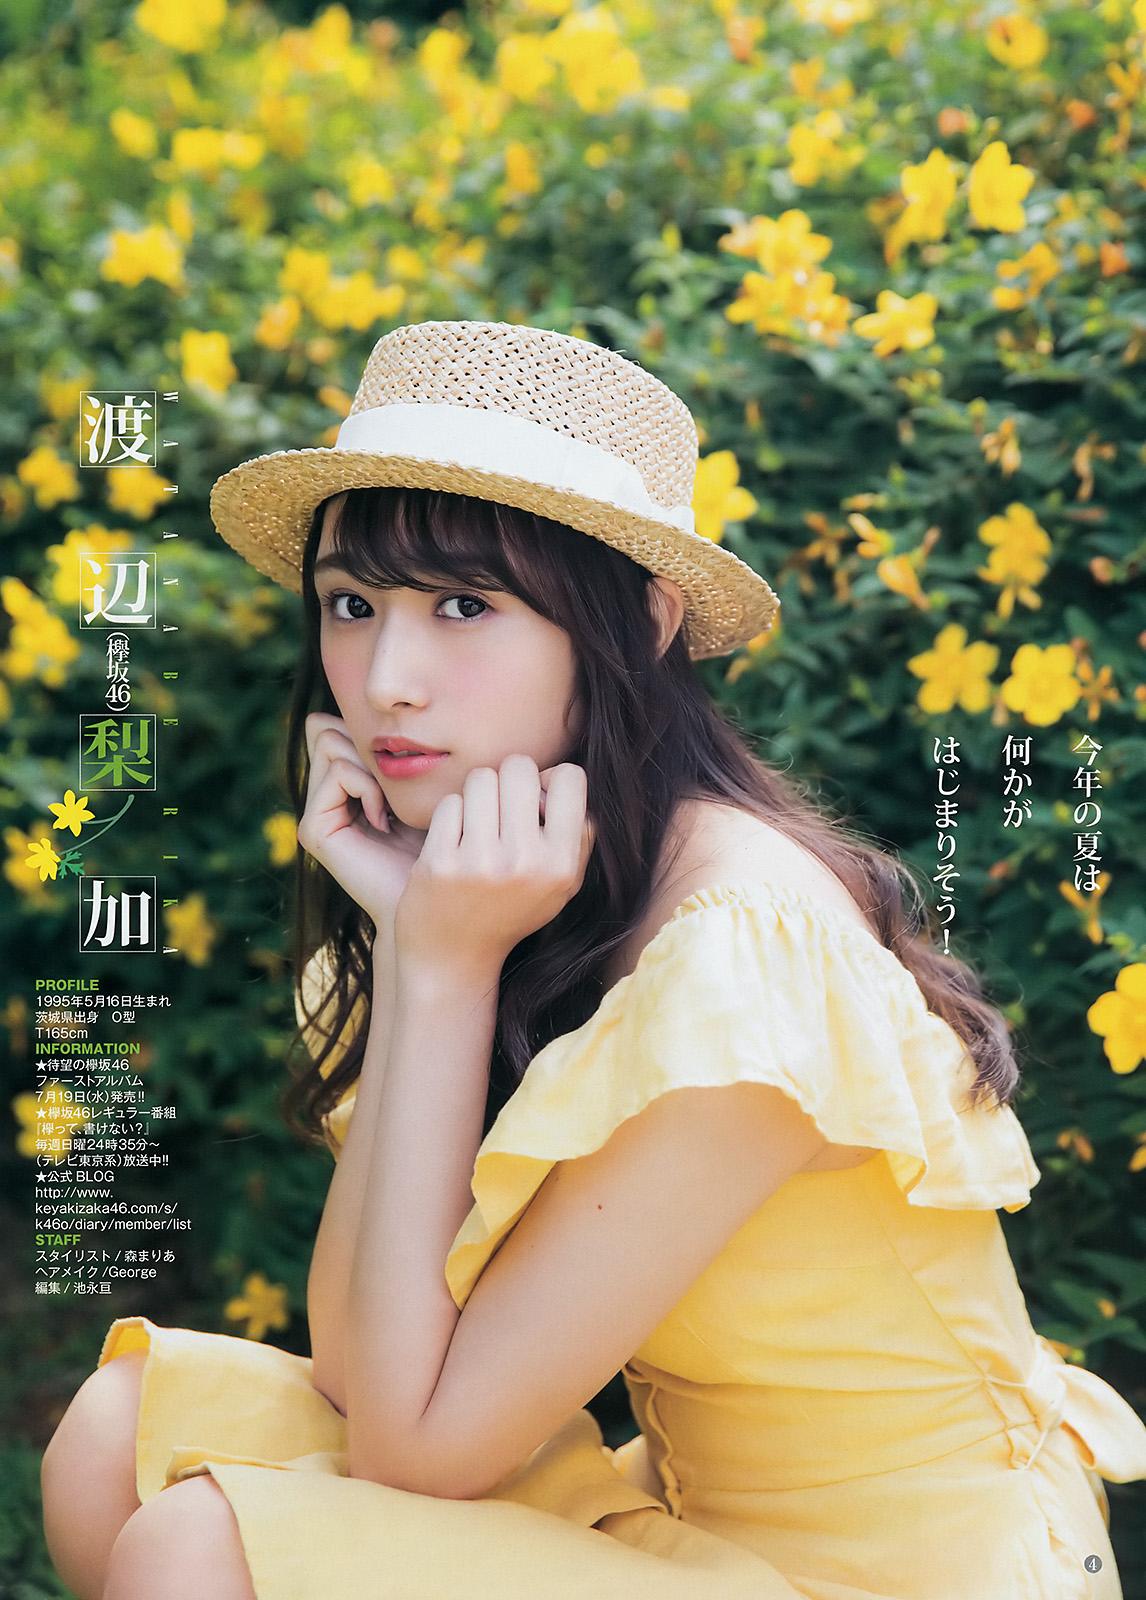 欅坂46渡辺梨加の写真集水着グラビア&アイコラエロ画像97枚・56枚目の画像